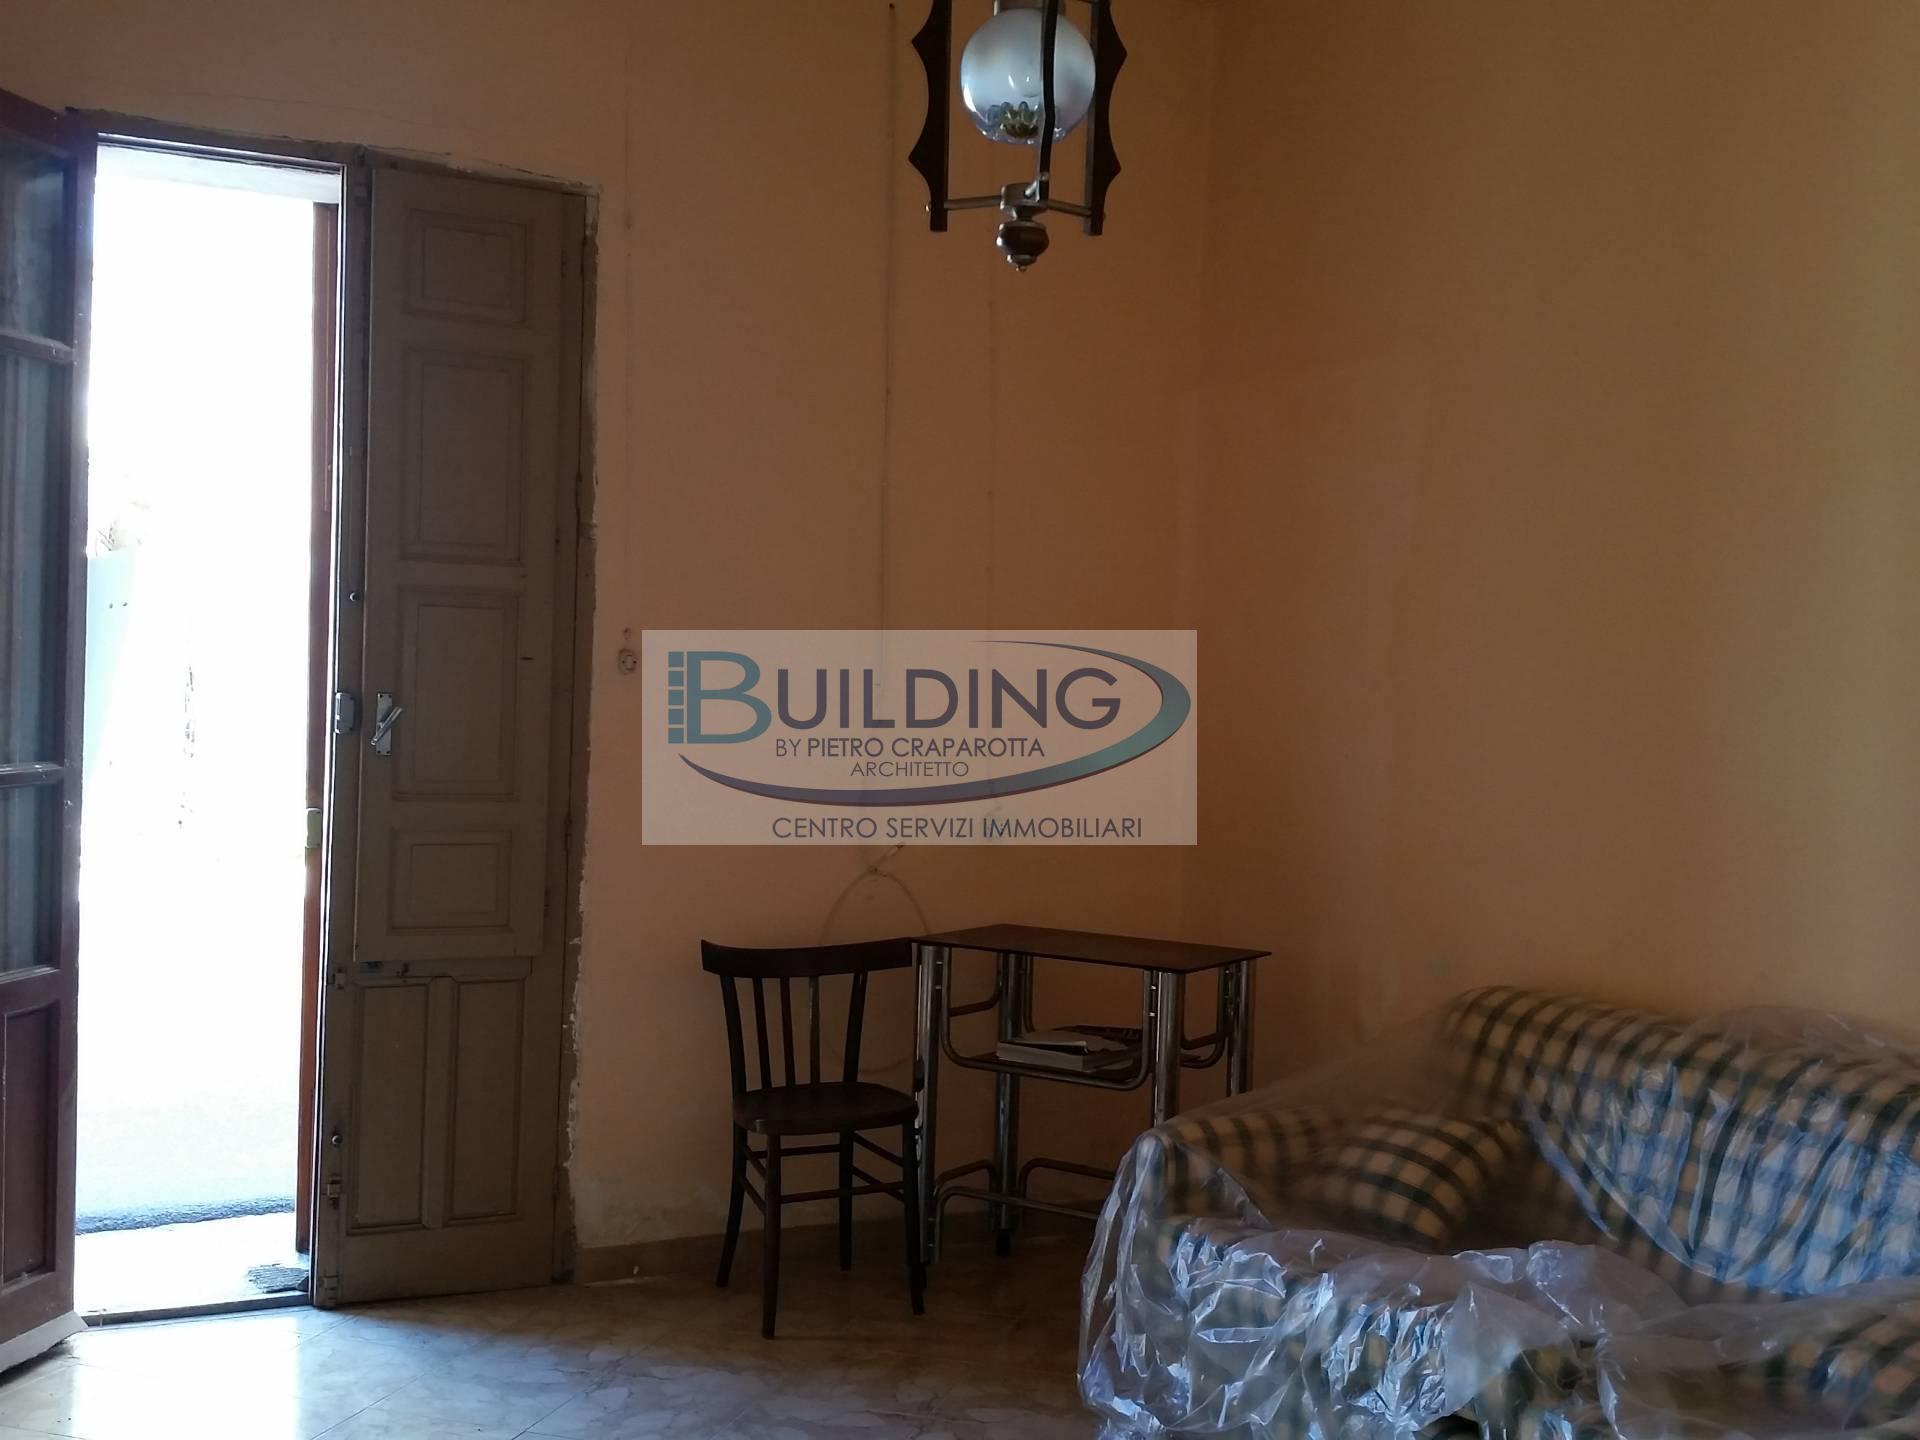 Appartamento in vendita a Castelvetrano, 3 locali, zona Località: CastelvetranoCittà, prezzo € 25.000 | PortaleAgenzieImmobiliari.it